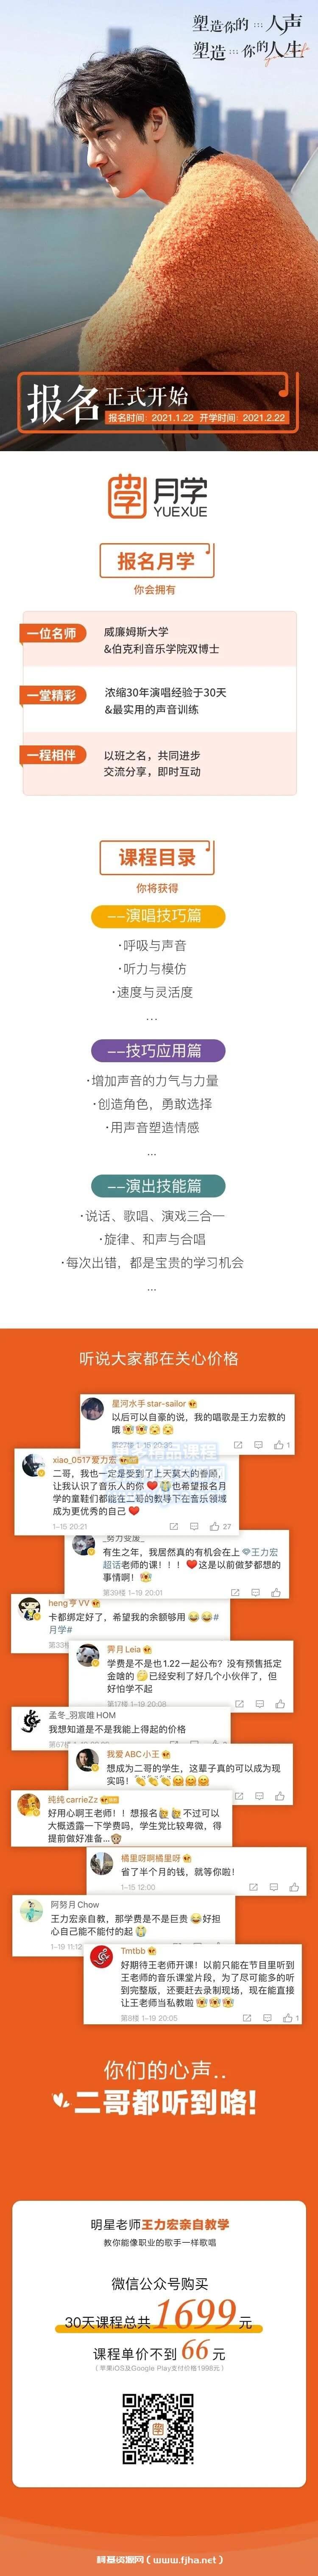 月学:王宏力线上唱歌课程·教你能像职业歌手一样歌唱